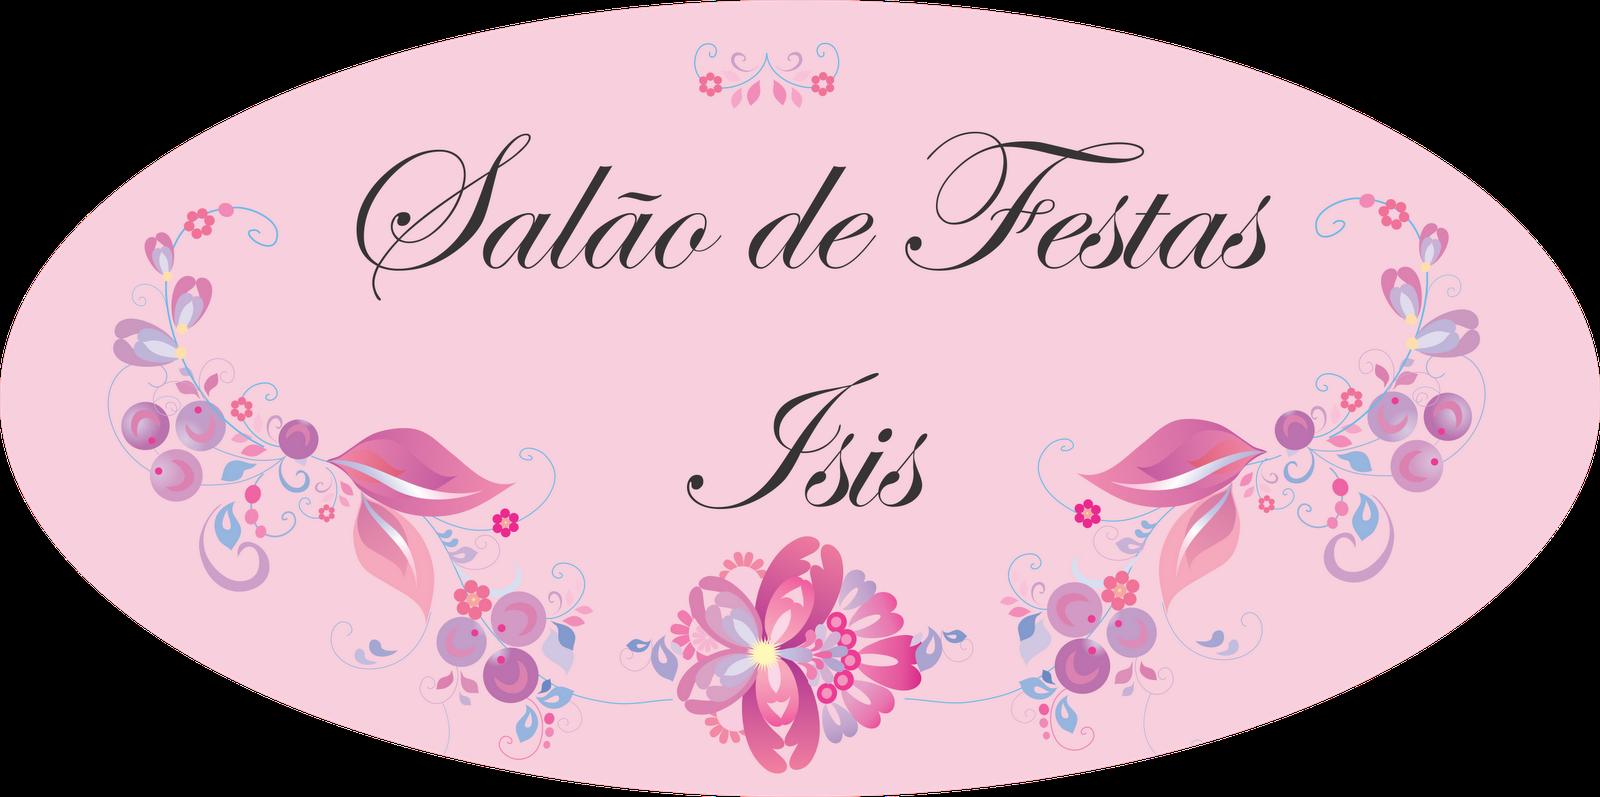 Salão De Festas Isis